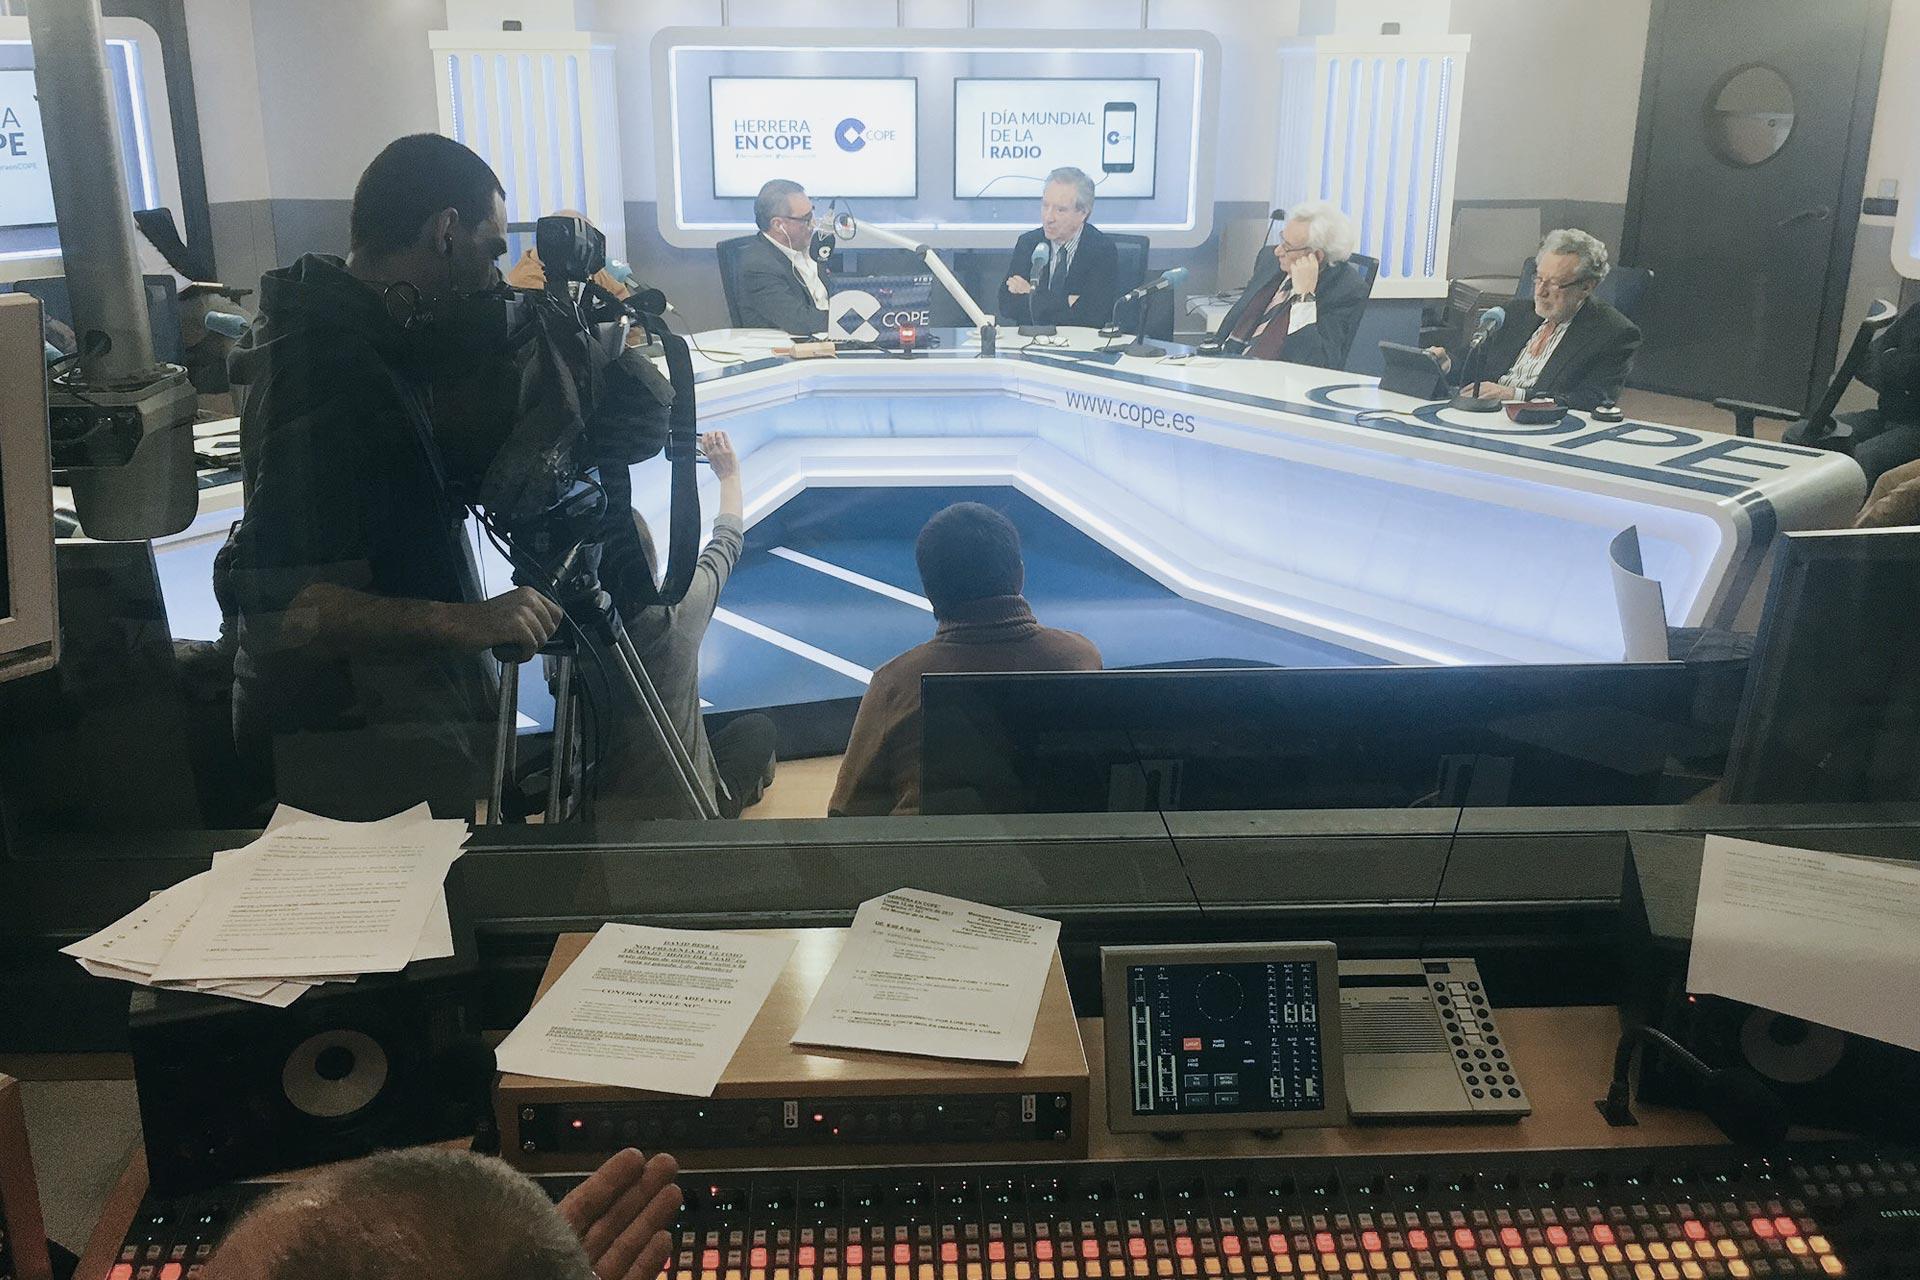 Carlos Herrera entrevista a Luis del Olmo Iñaki Gabilondo y José María García por el día de la radio